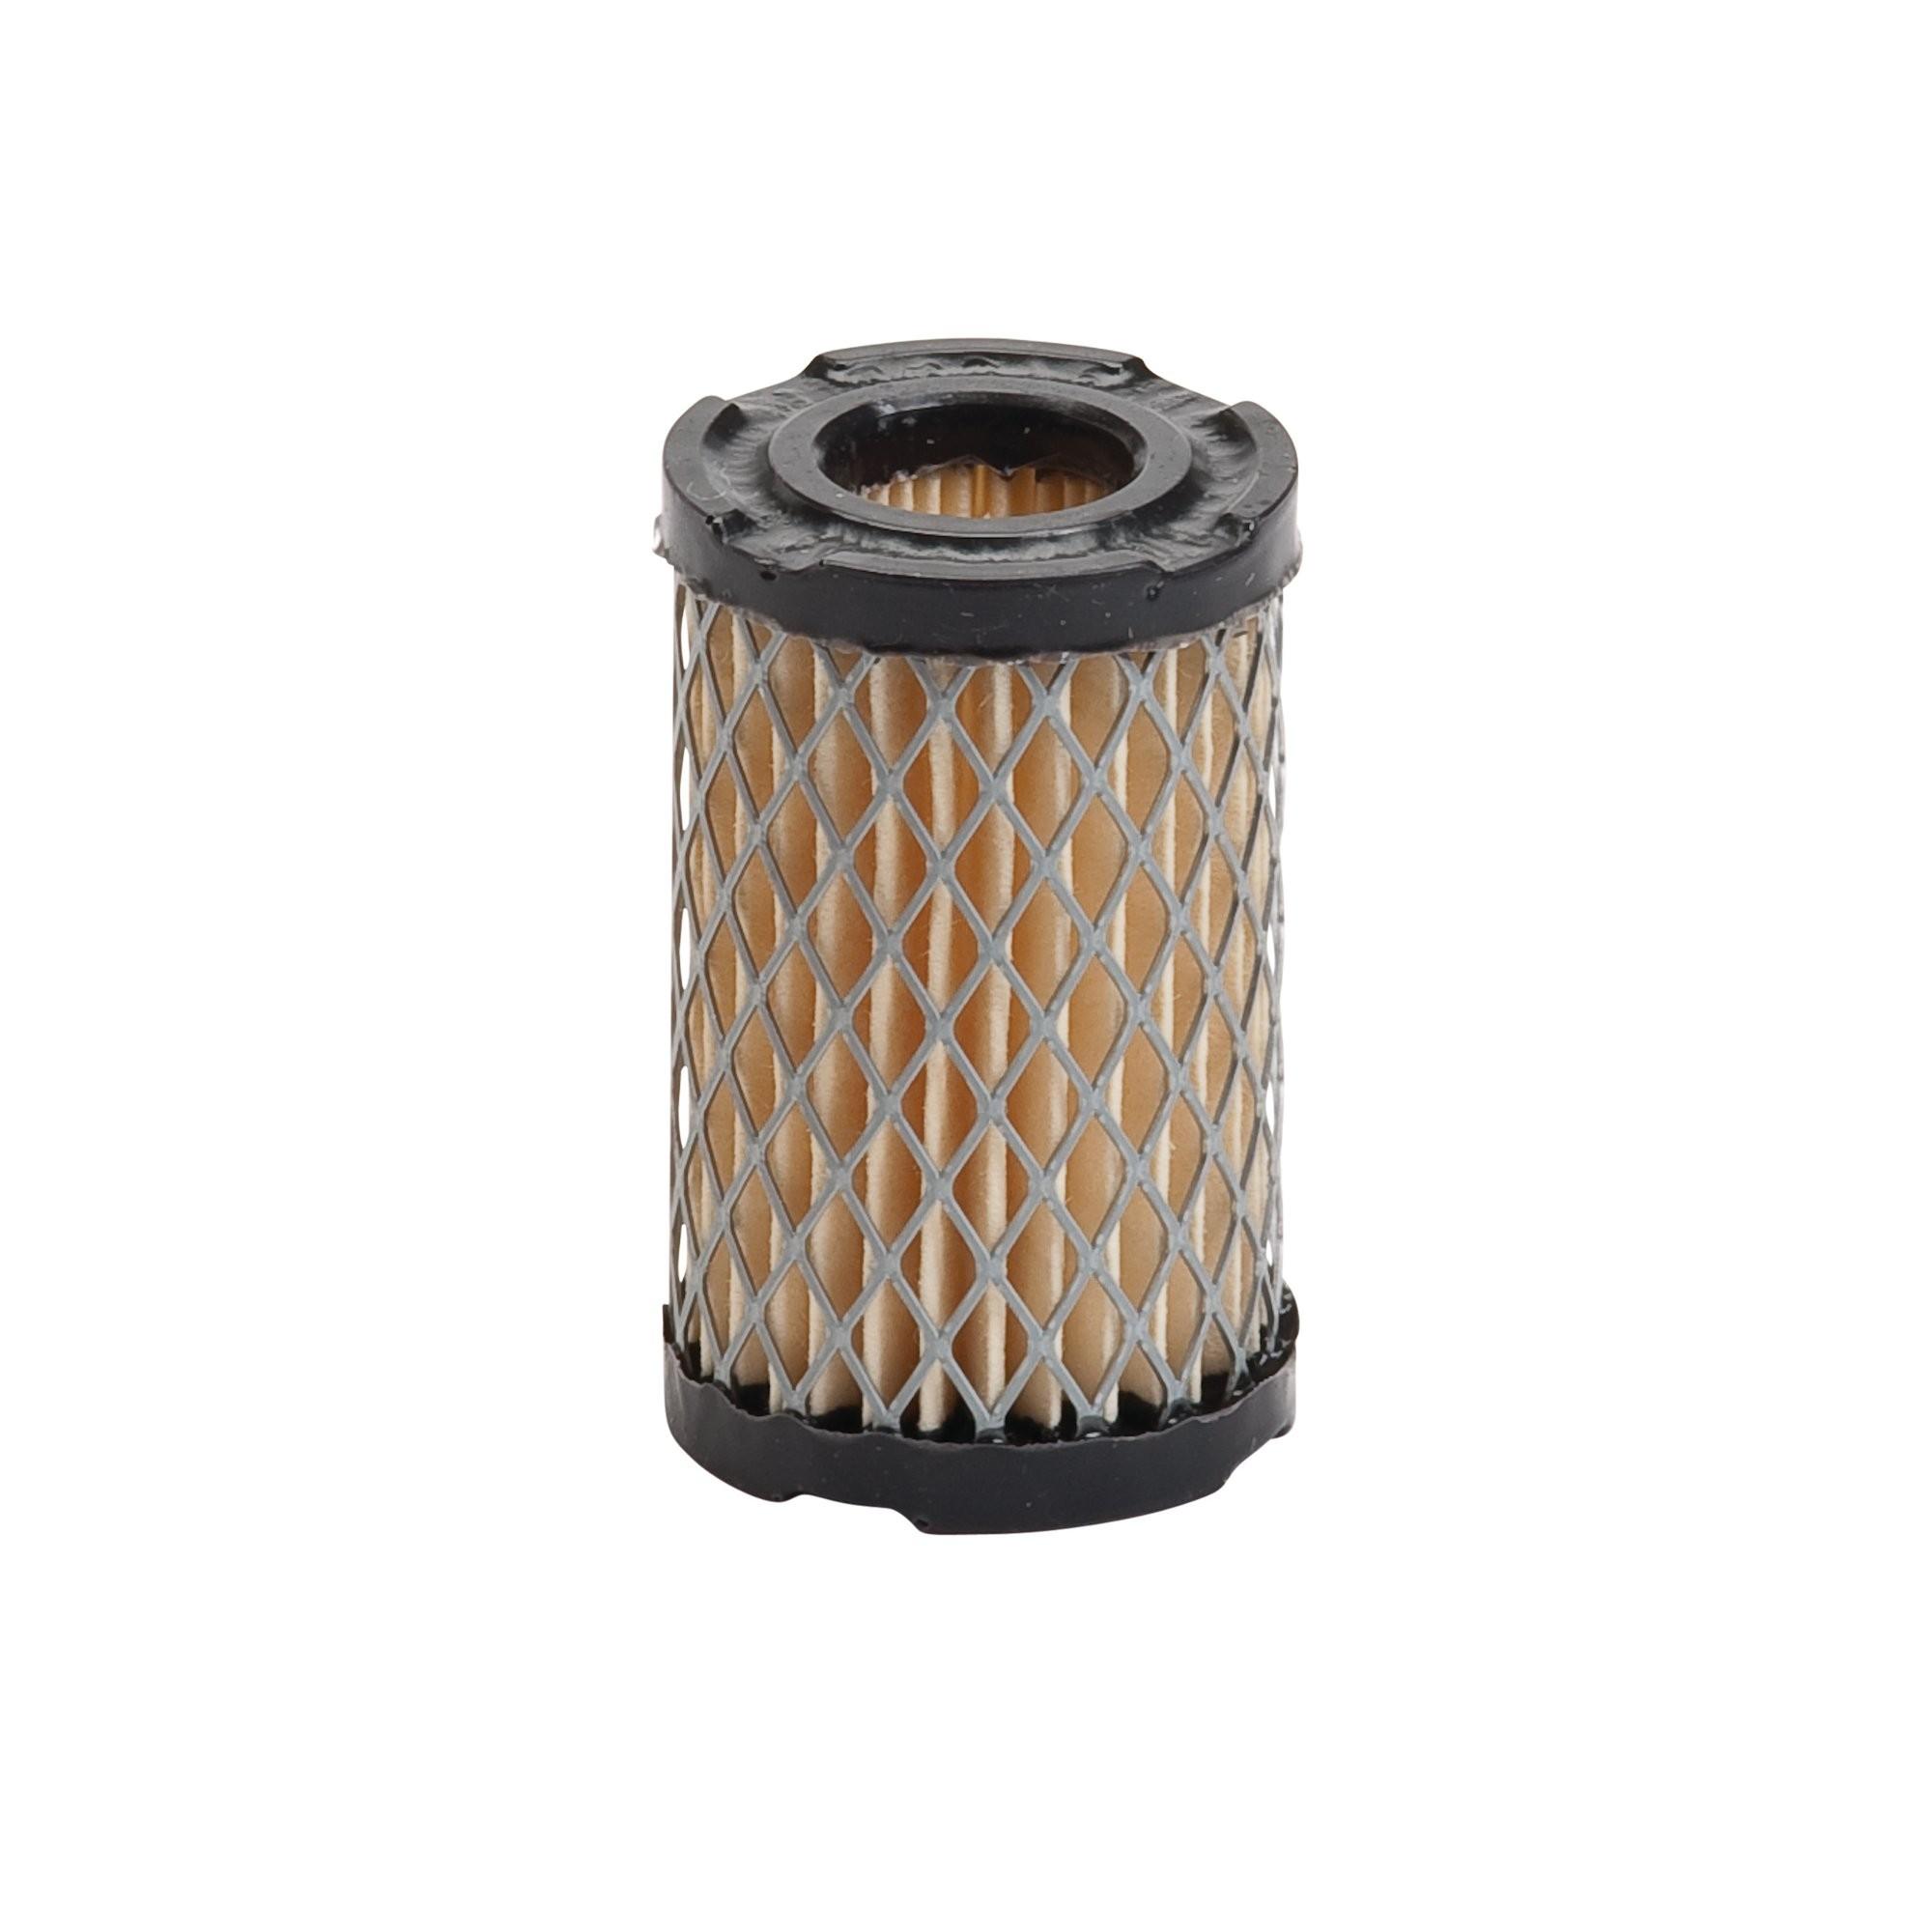 Vzduchový filtr pro motor Tecumseh Spektra,Centura